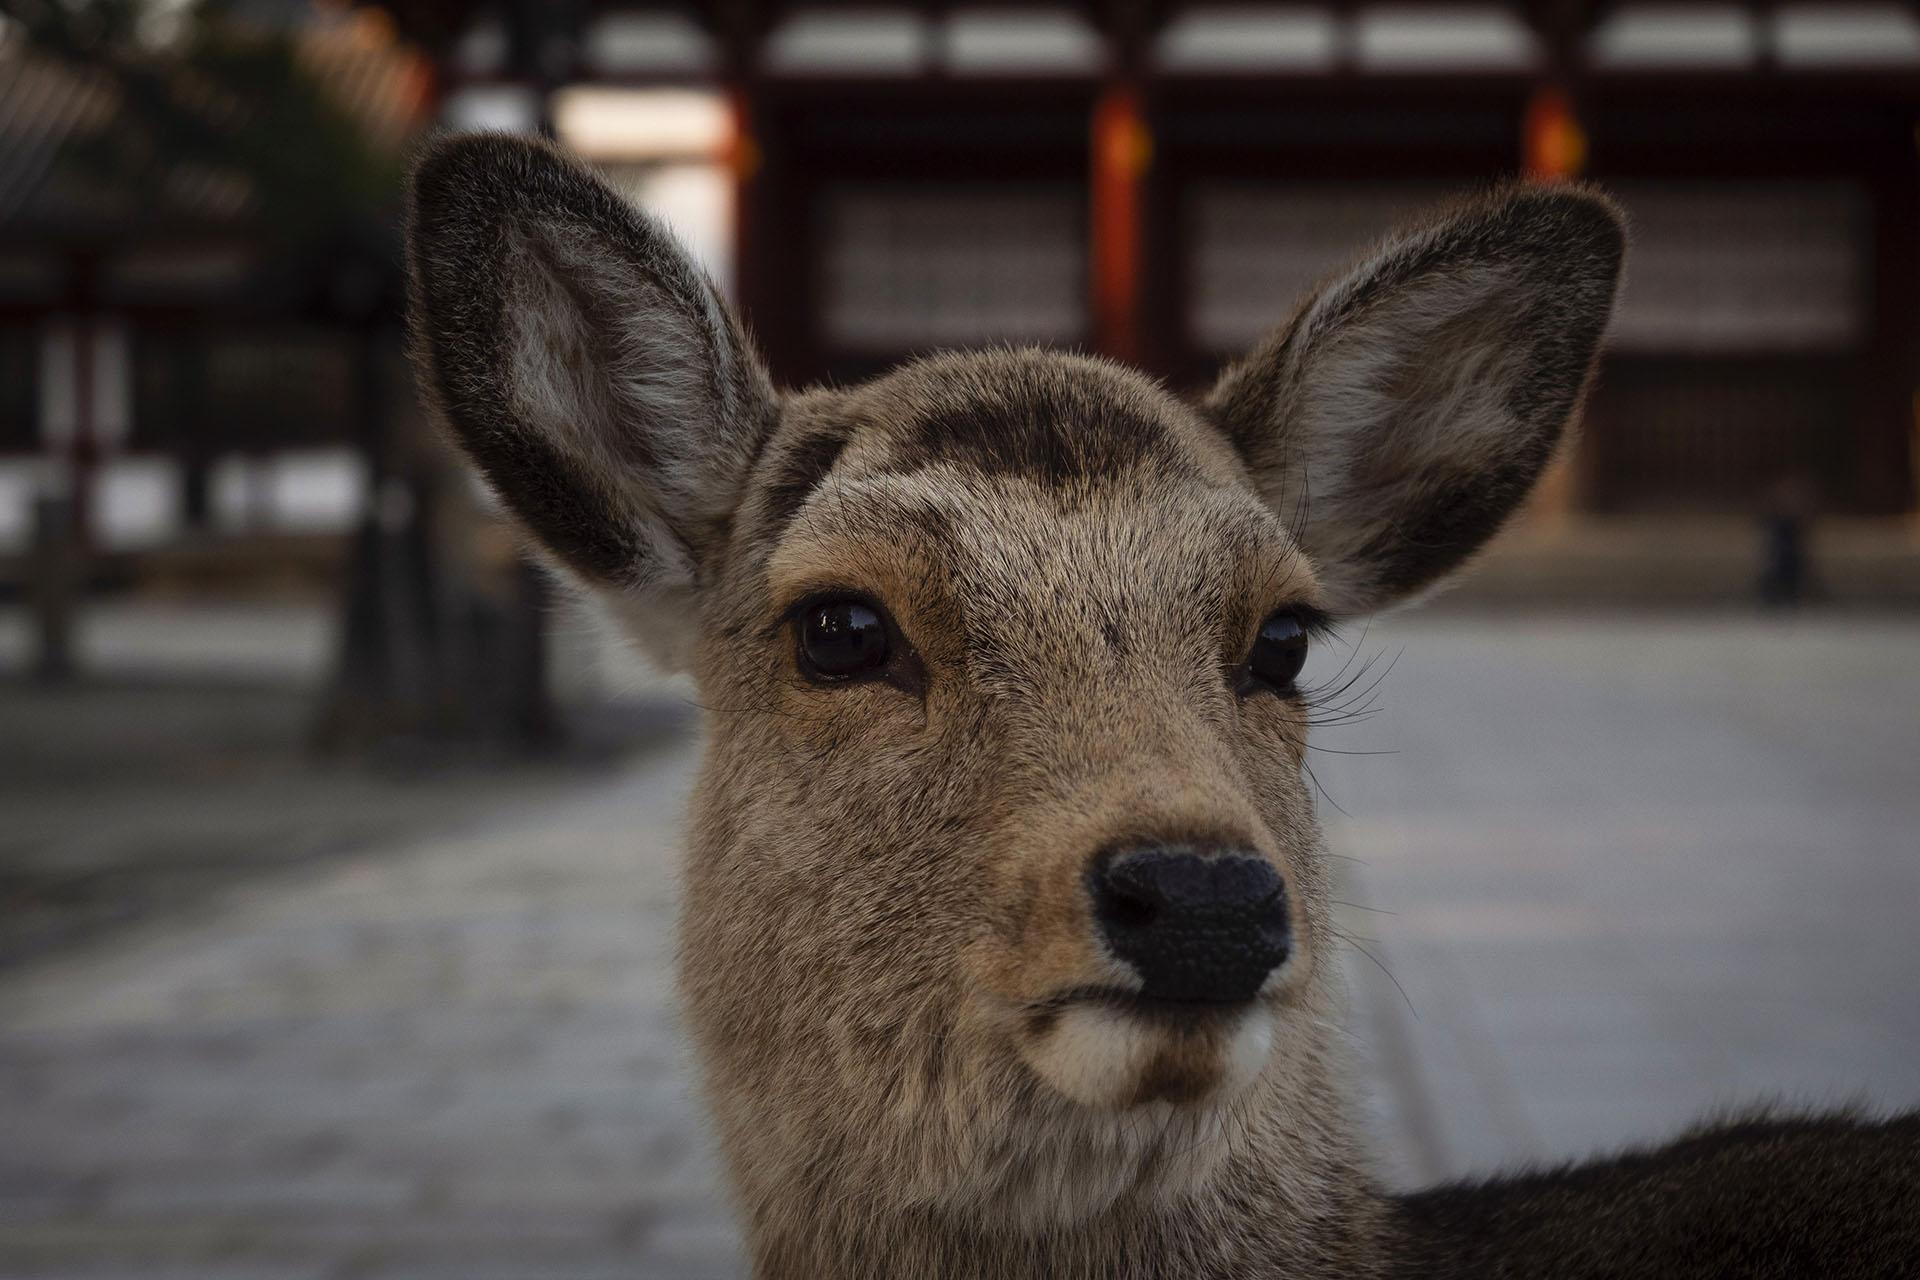 Un ciervo se para frente a una puerta afuera del templo Todaiji en Nara, Japón (Foto AP / Jae C. Hong)